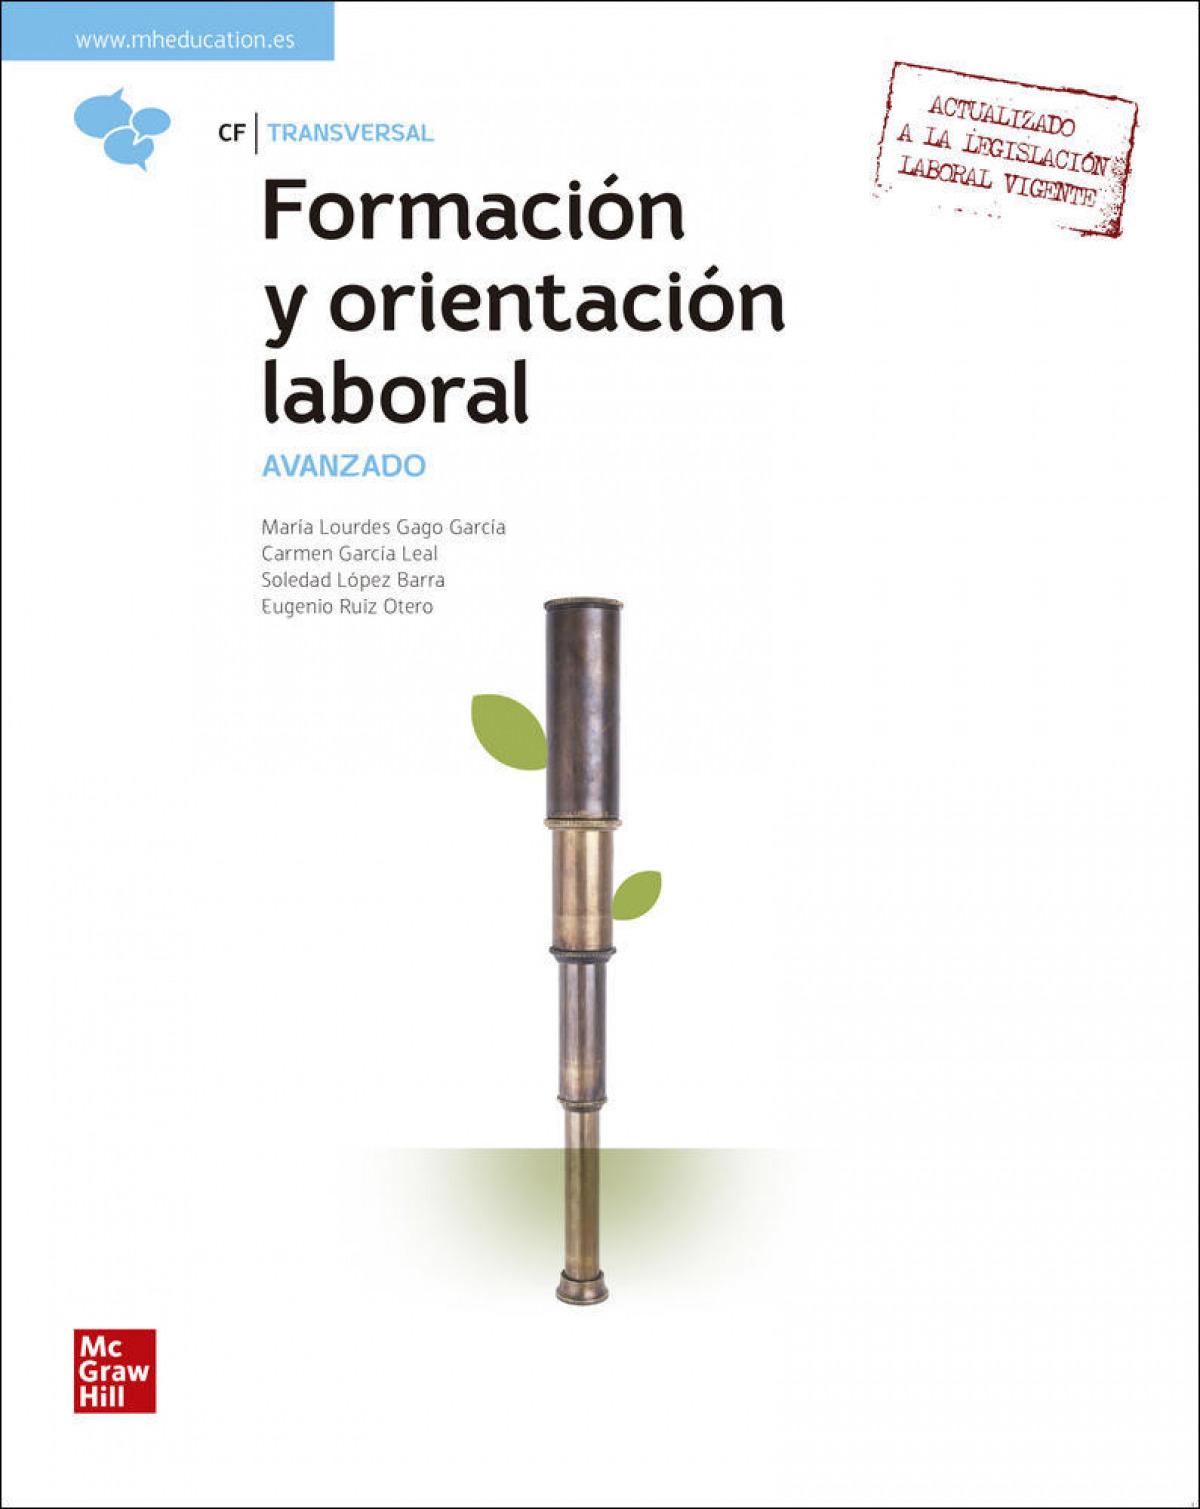 LA Formacion y orientacion laboral